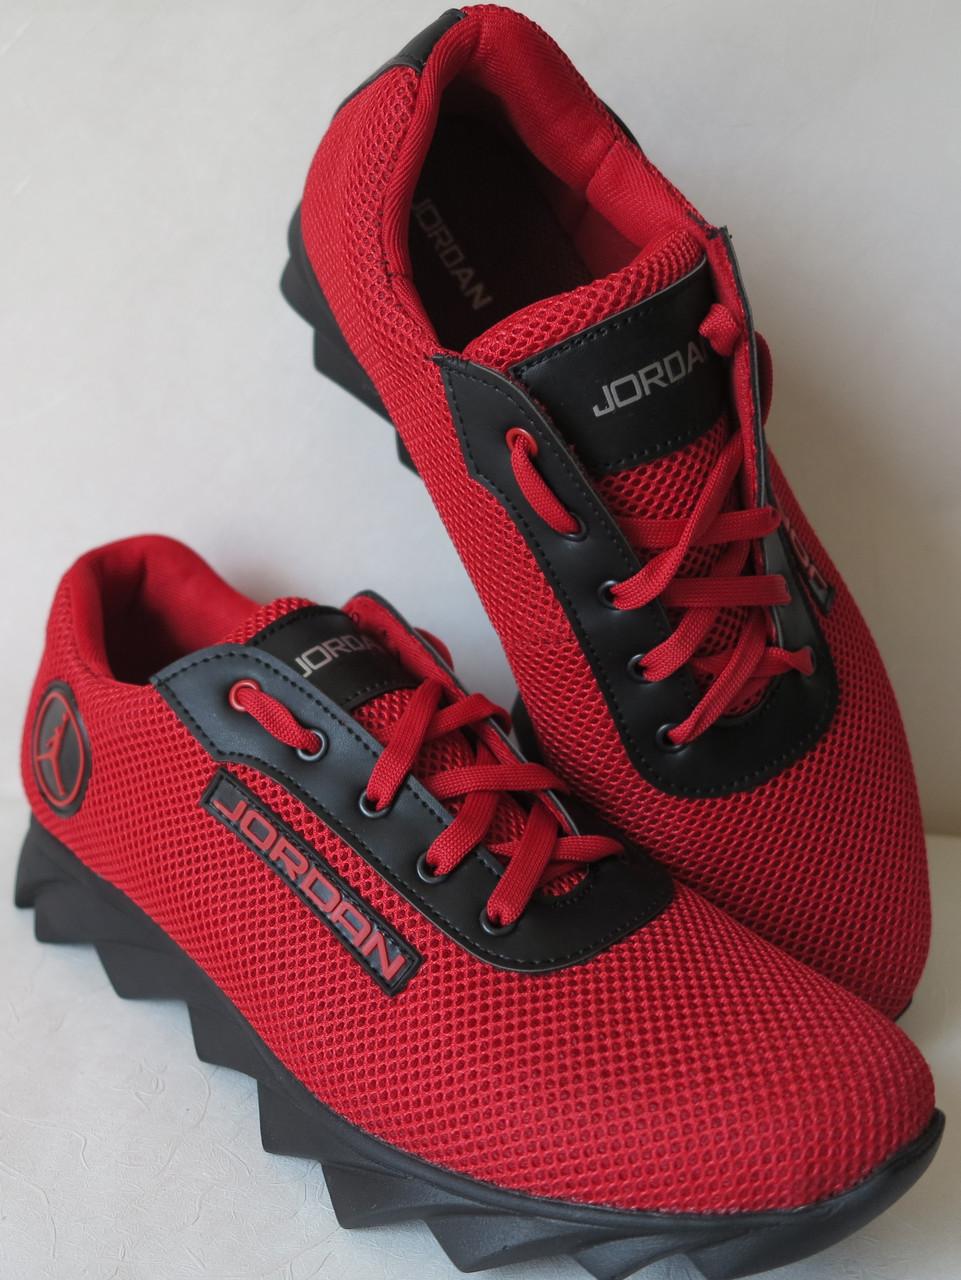 a3243368975a42 Jordan! літні червоні чоловічі спортивні кросівки сітка шкіра репліка  весняне чоловіче спортивне взуття - VZUTA